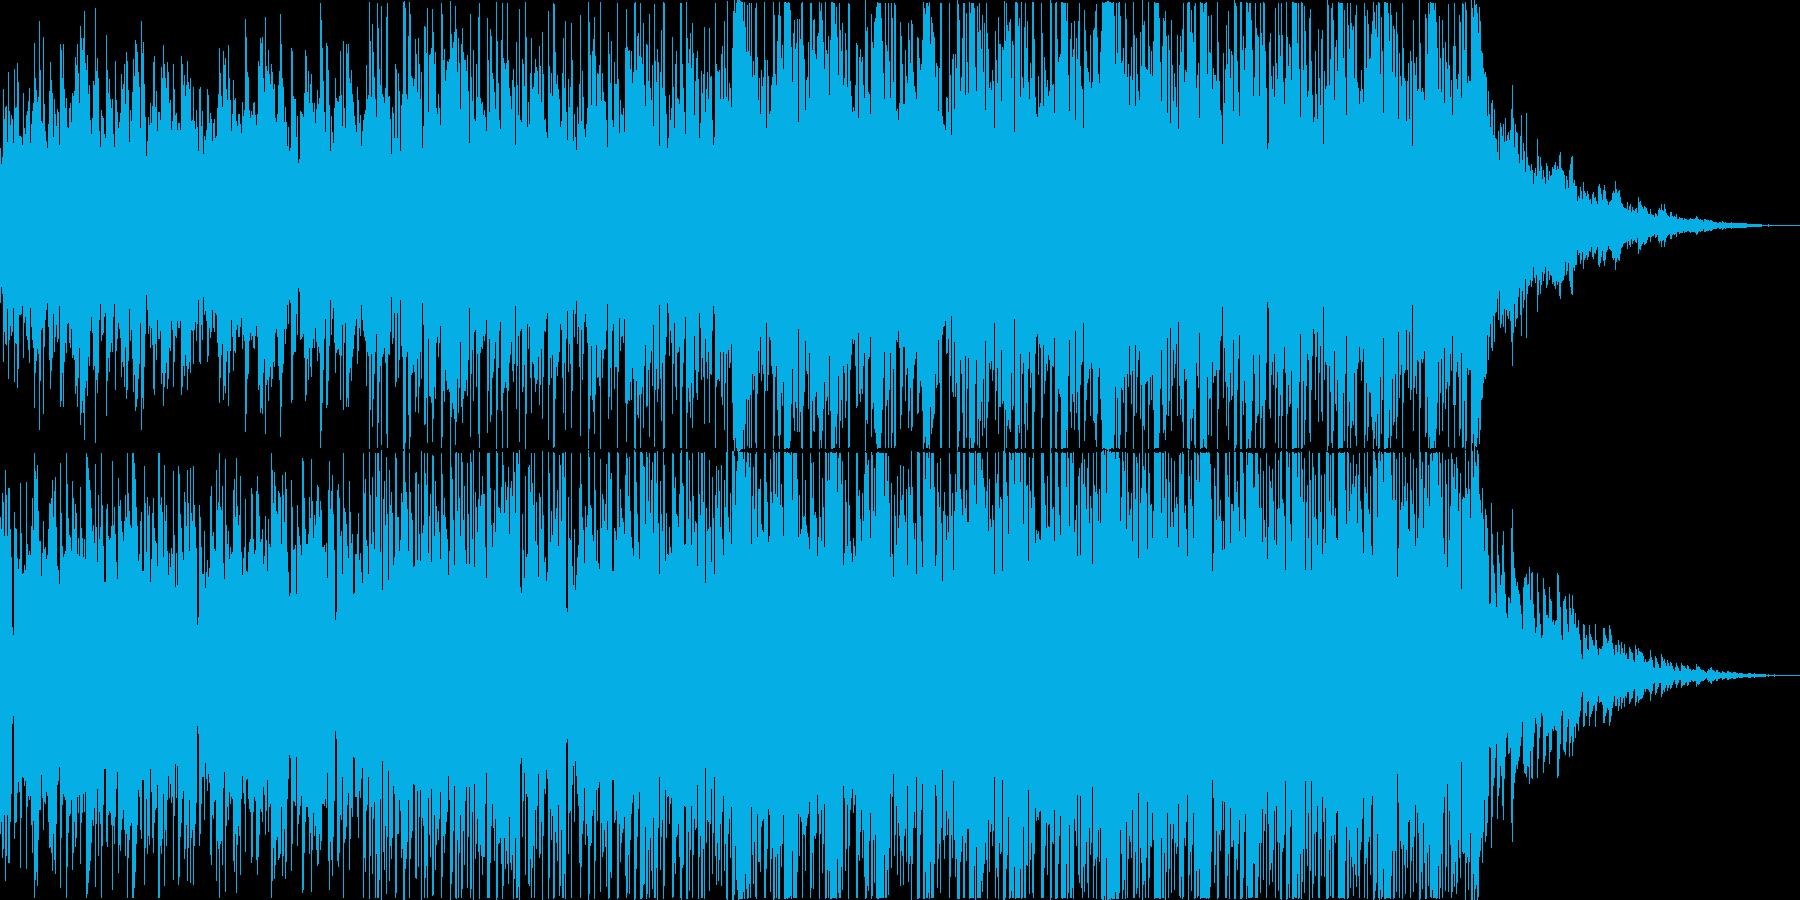 深海をイメージしたサントラ・映像向け楽曲の再生済みの波形